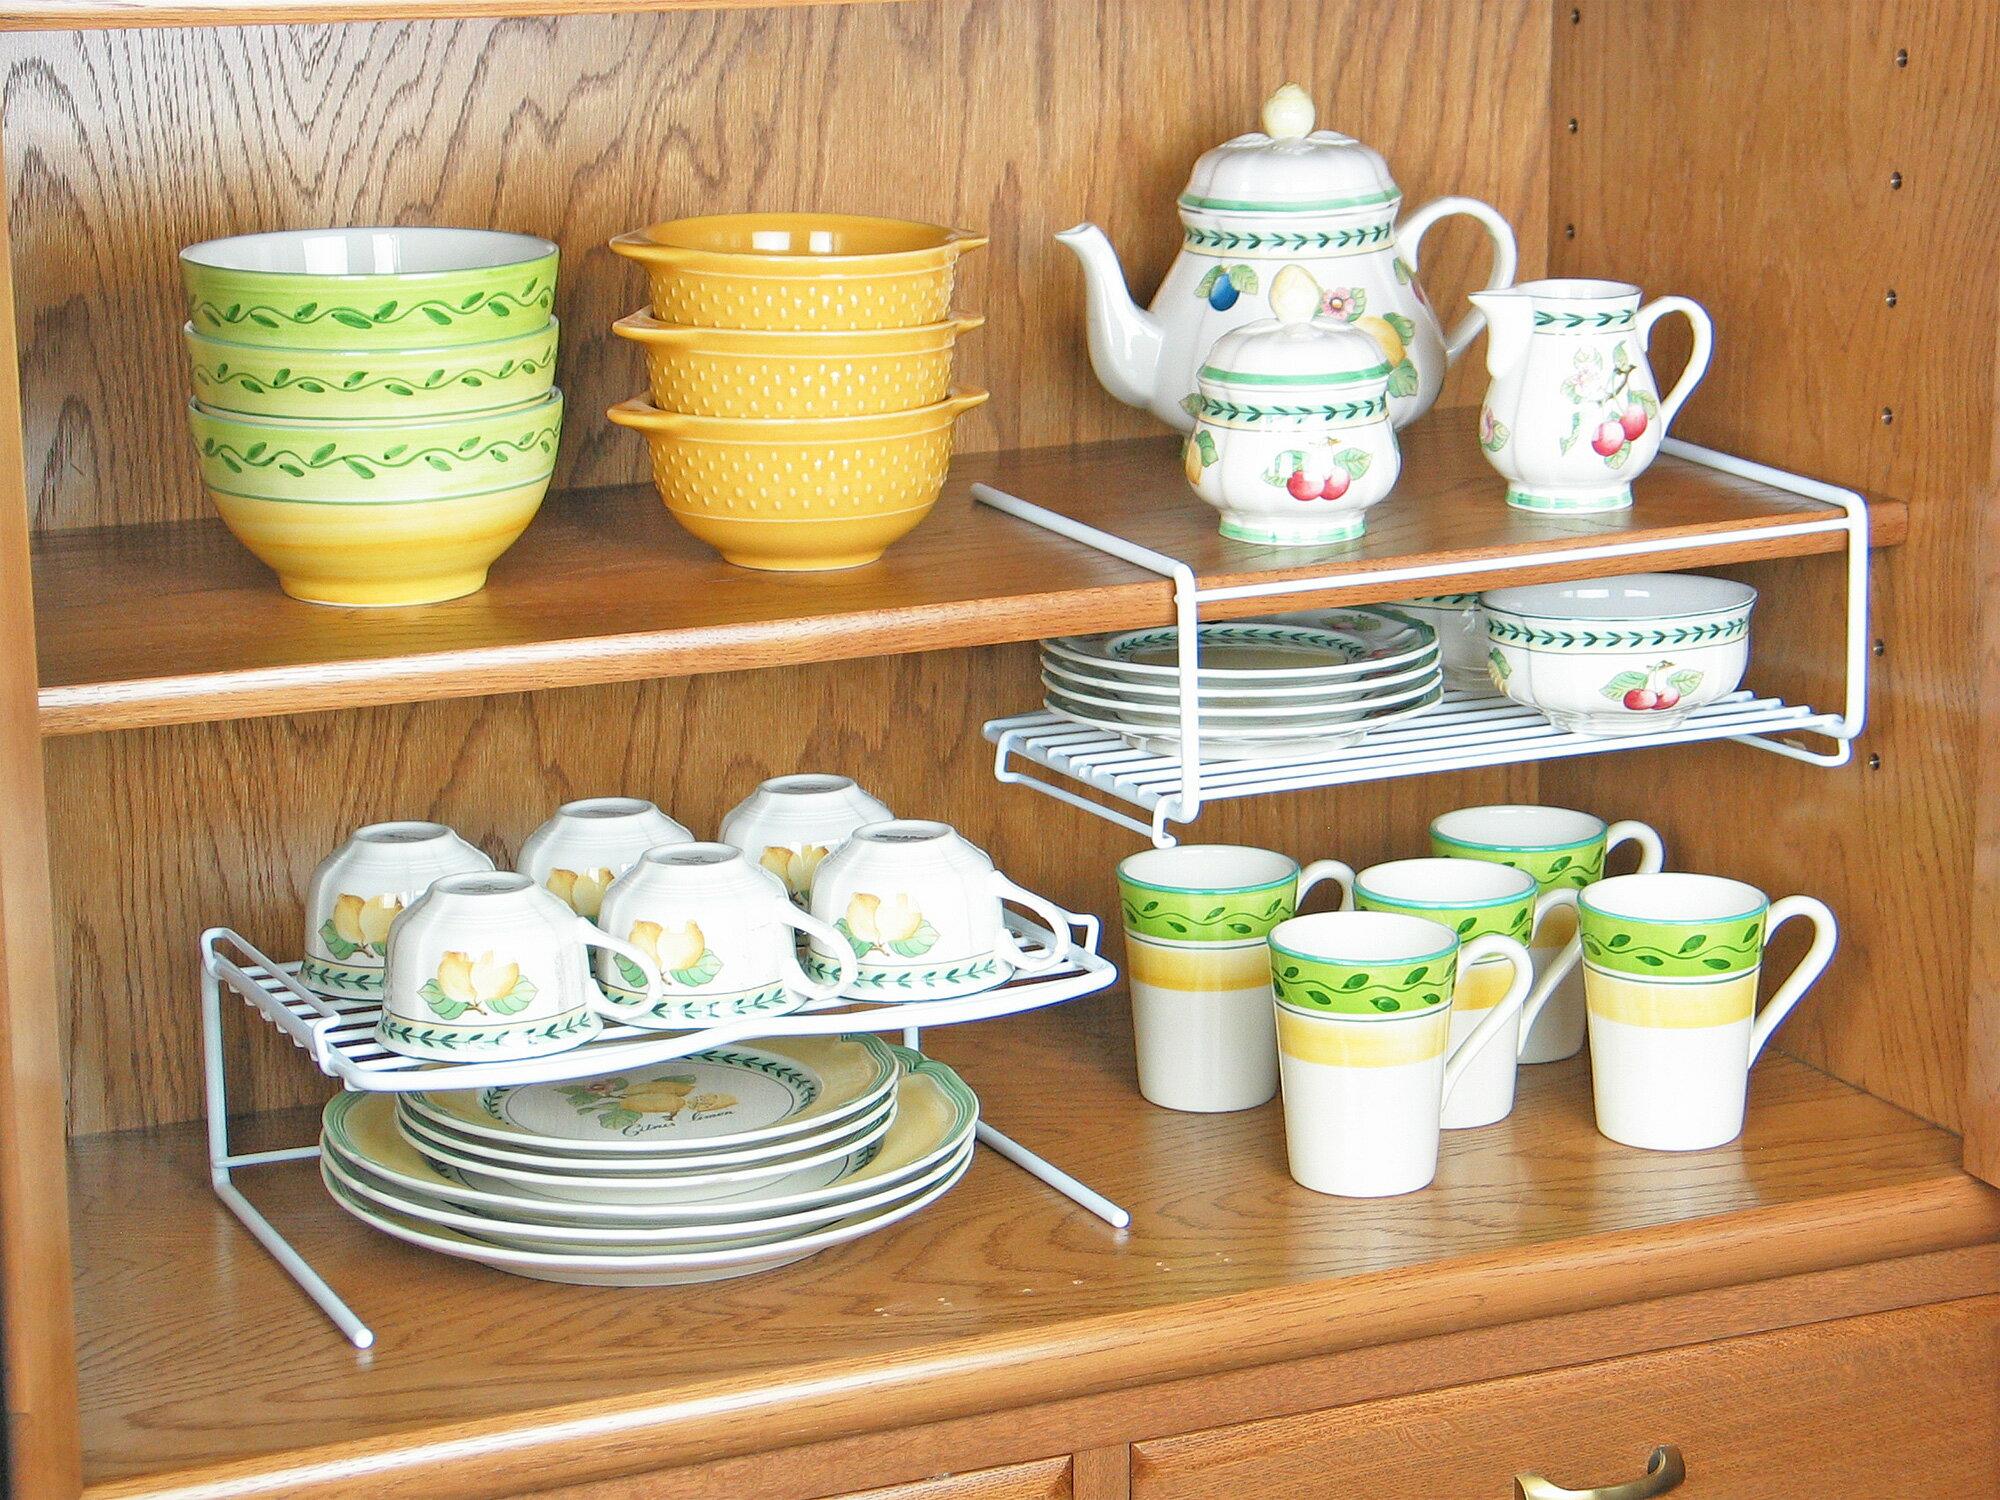 [えつこのニューワイドぺアスタックラック 2個組] 収納 キッチン 食器棚 カップ お皿 小鉢 地震対策 ホワイト 日本製の写真